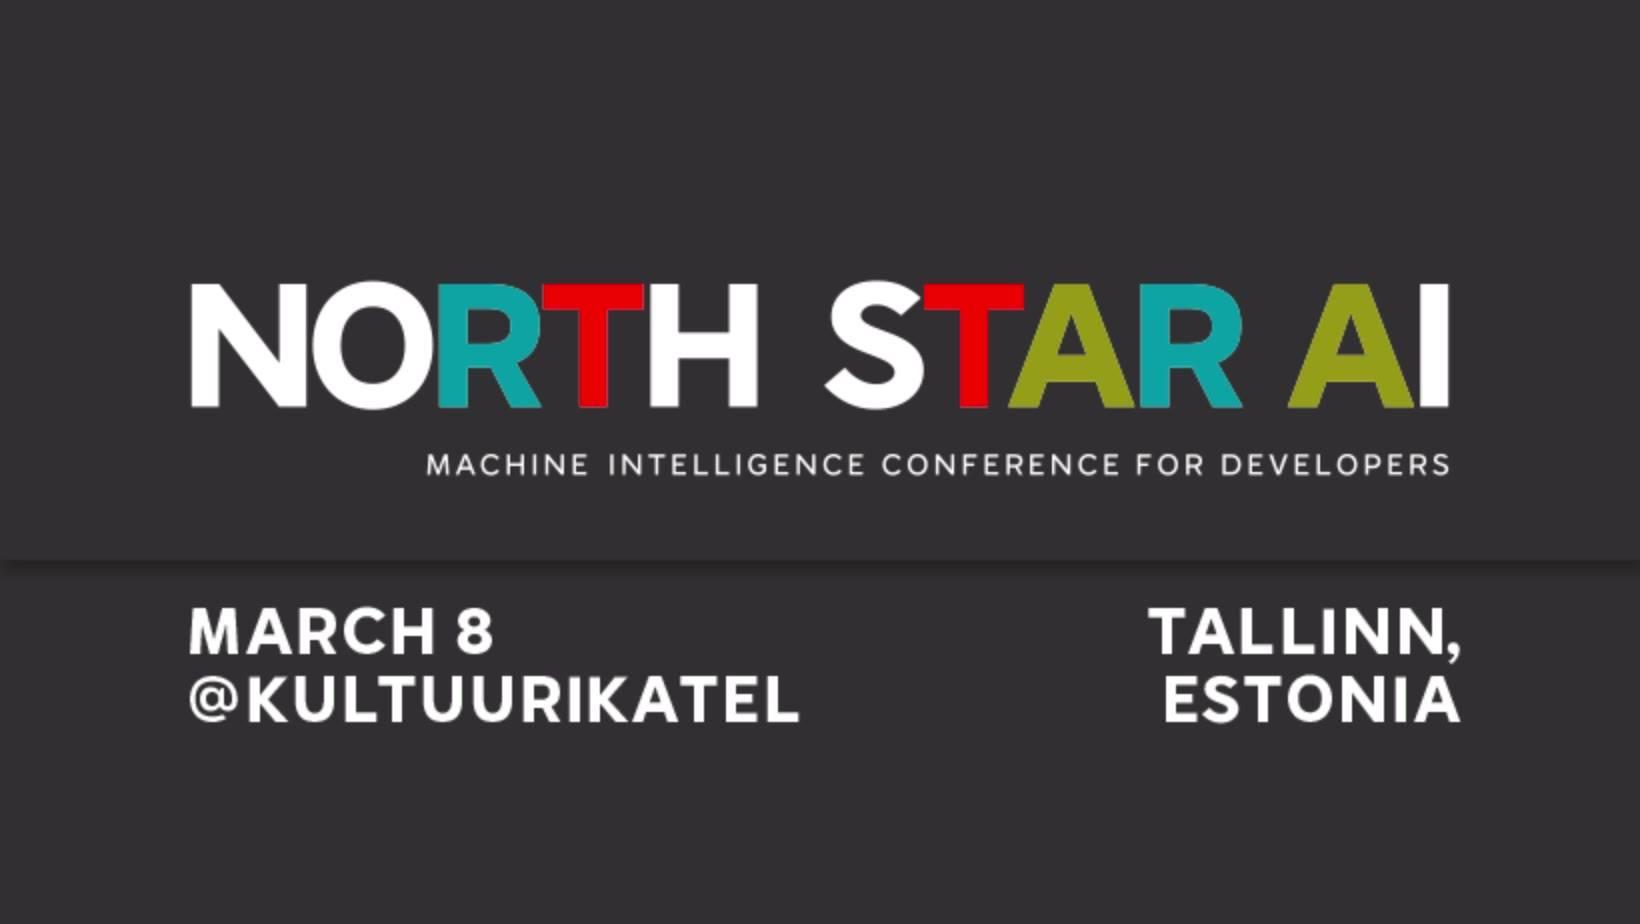 6406North Star AI. Masinintellekti konverents arendajatele.